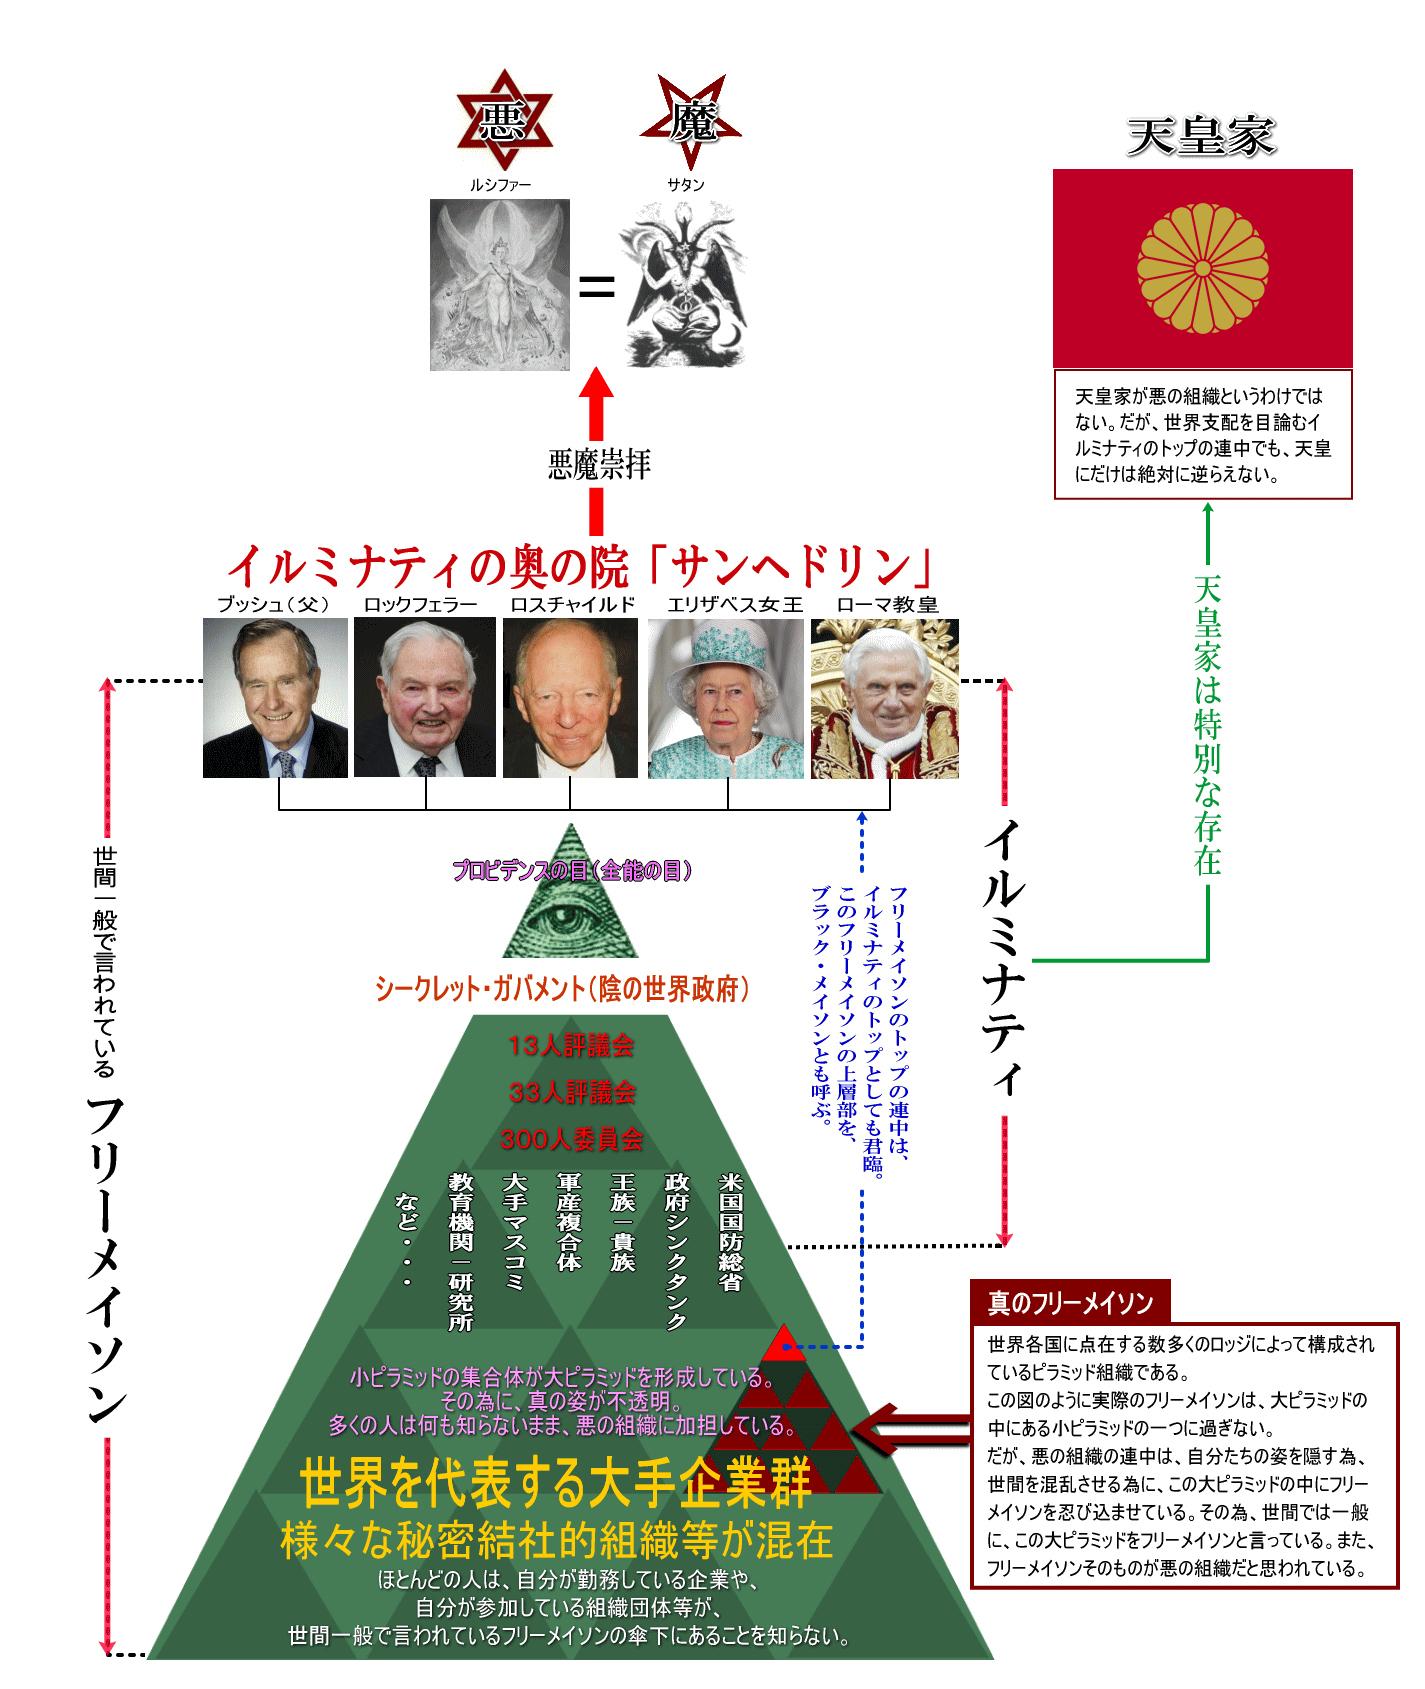 イルミナティー組織図